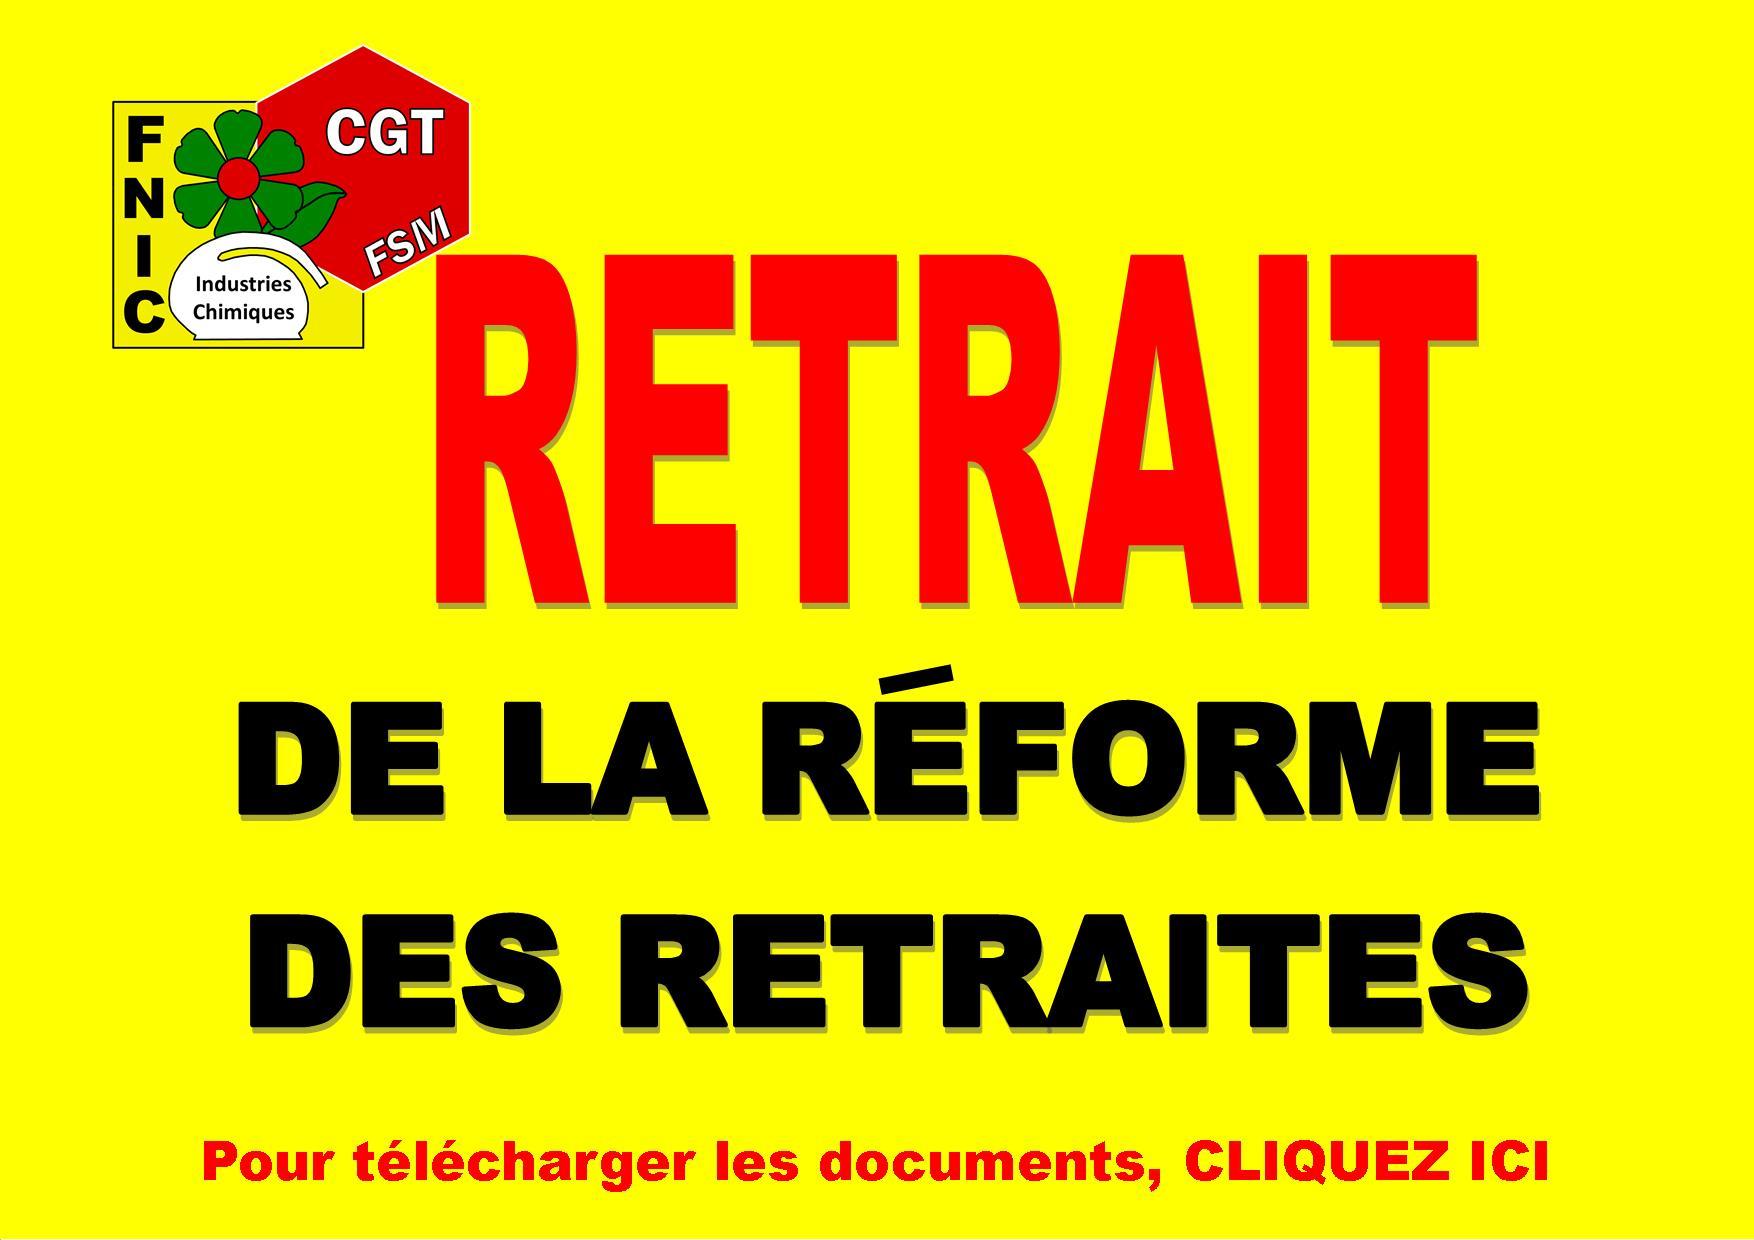 RETRAIT DE LA REFORME DES RETRAITES